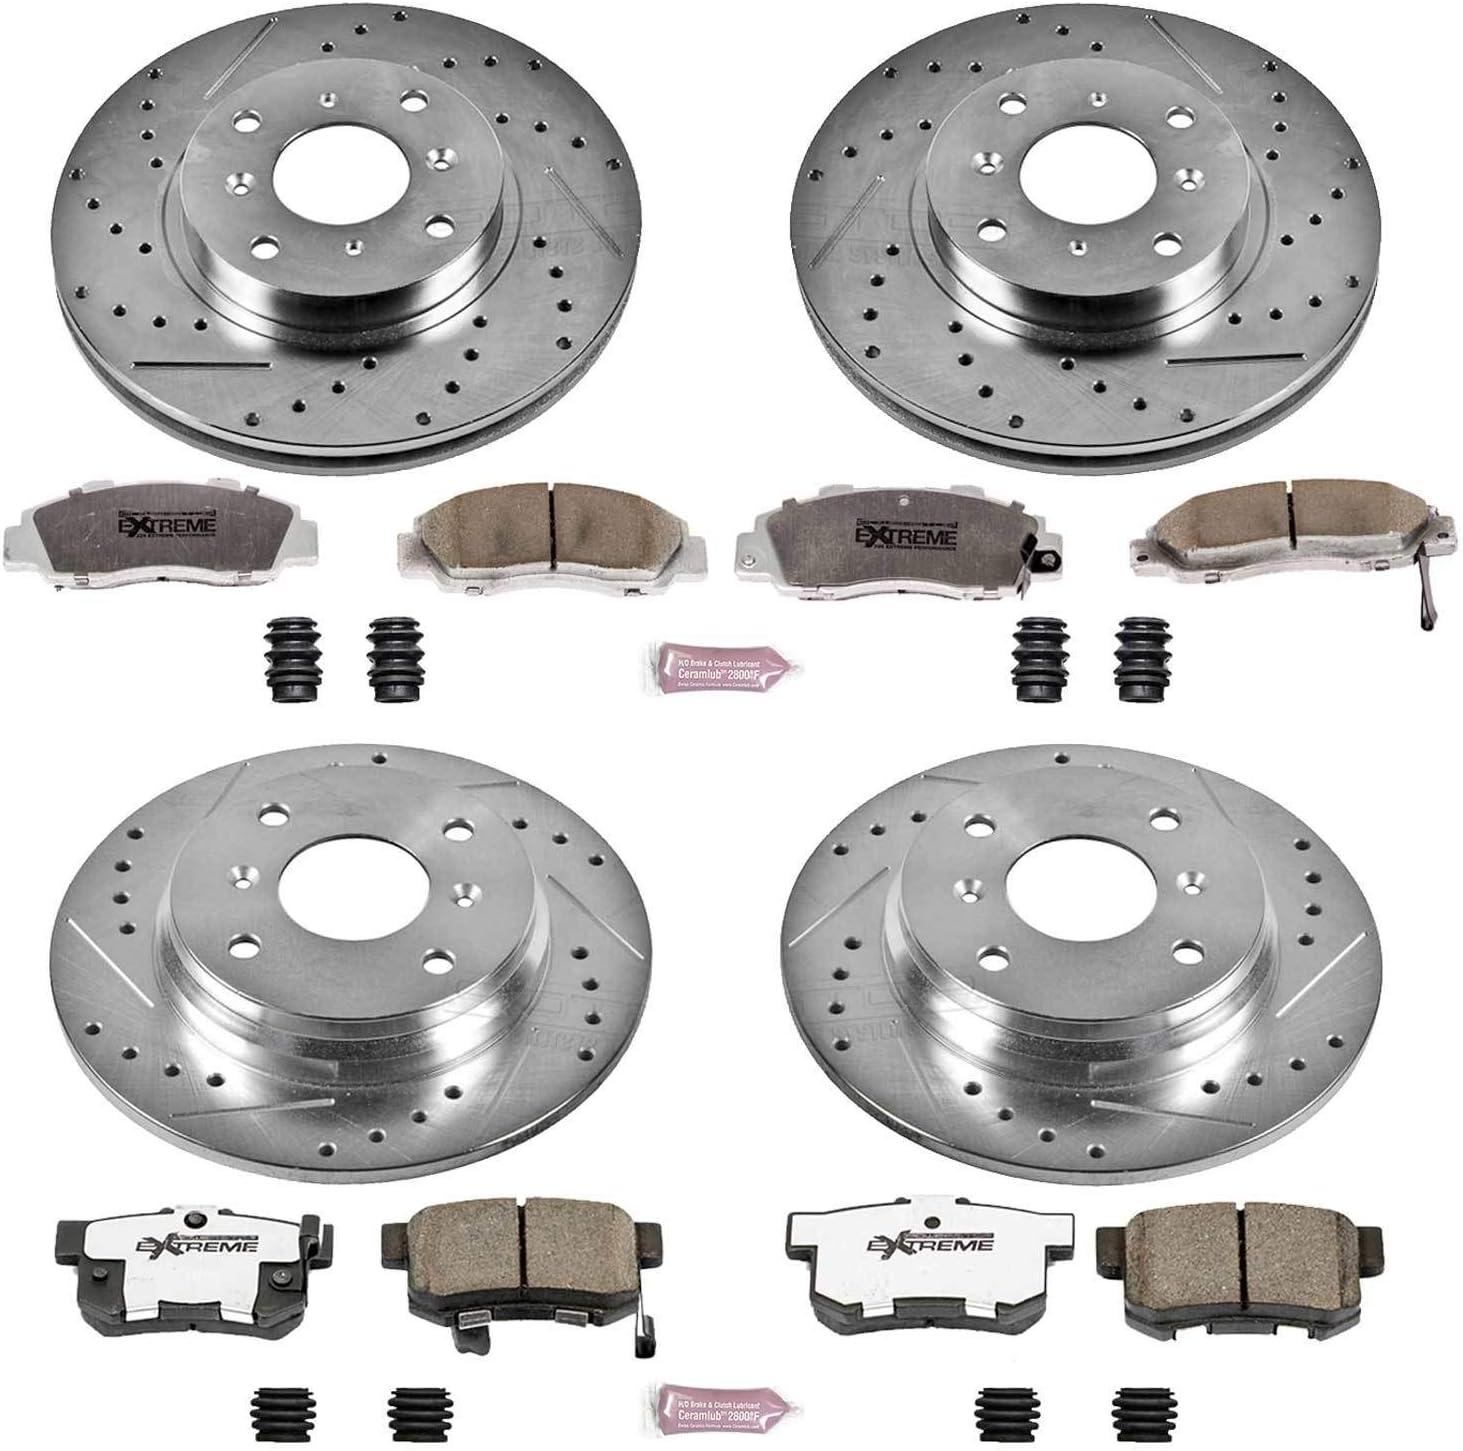 Power Stop K2440 High Performance Brake Upgrade Kit